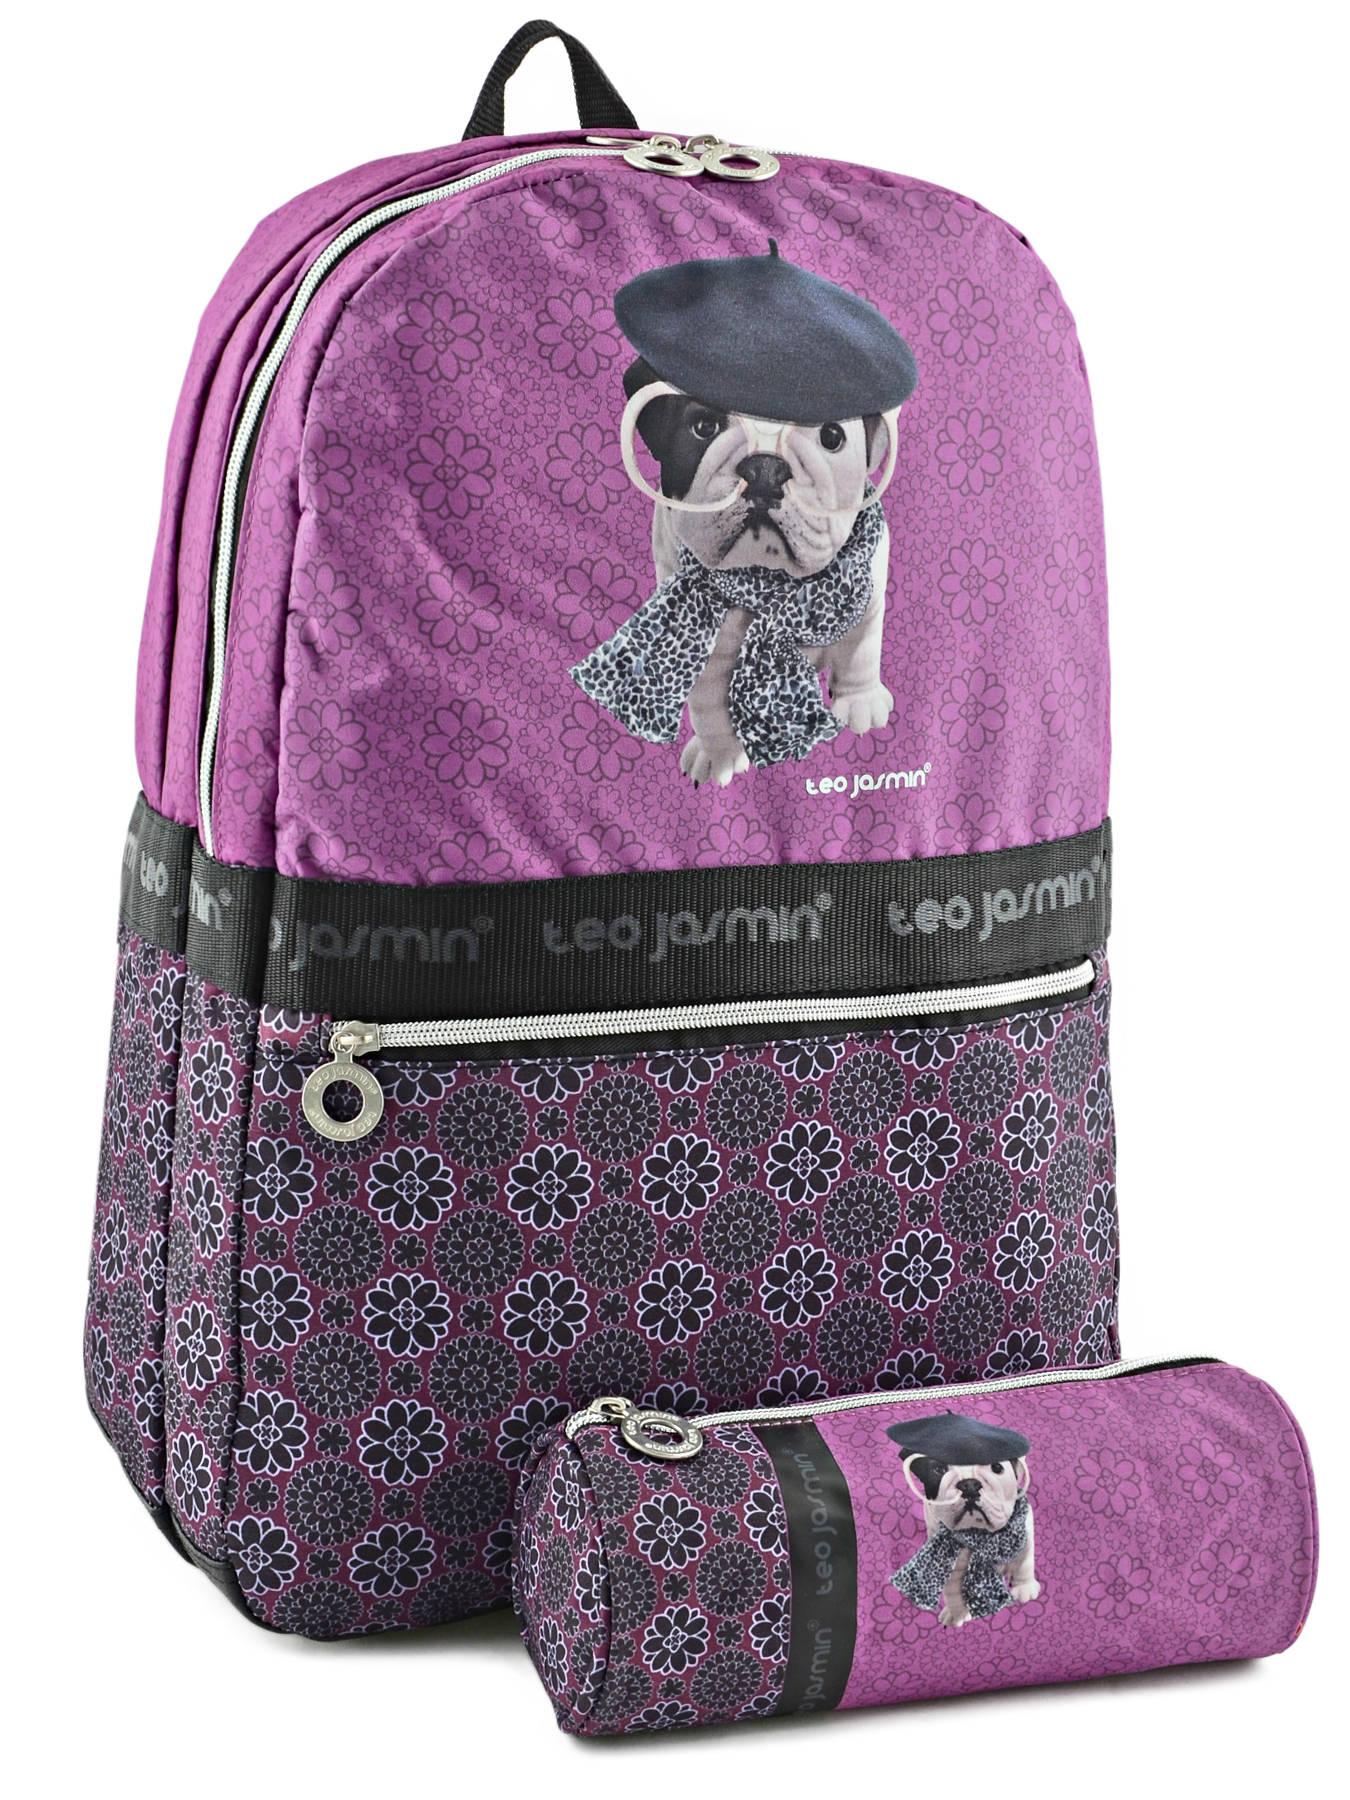 sac dos teo jasmin dog story violet en vente au meilleur prix. Black Bedroom Furniture Sets. Home Design Ideas